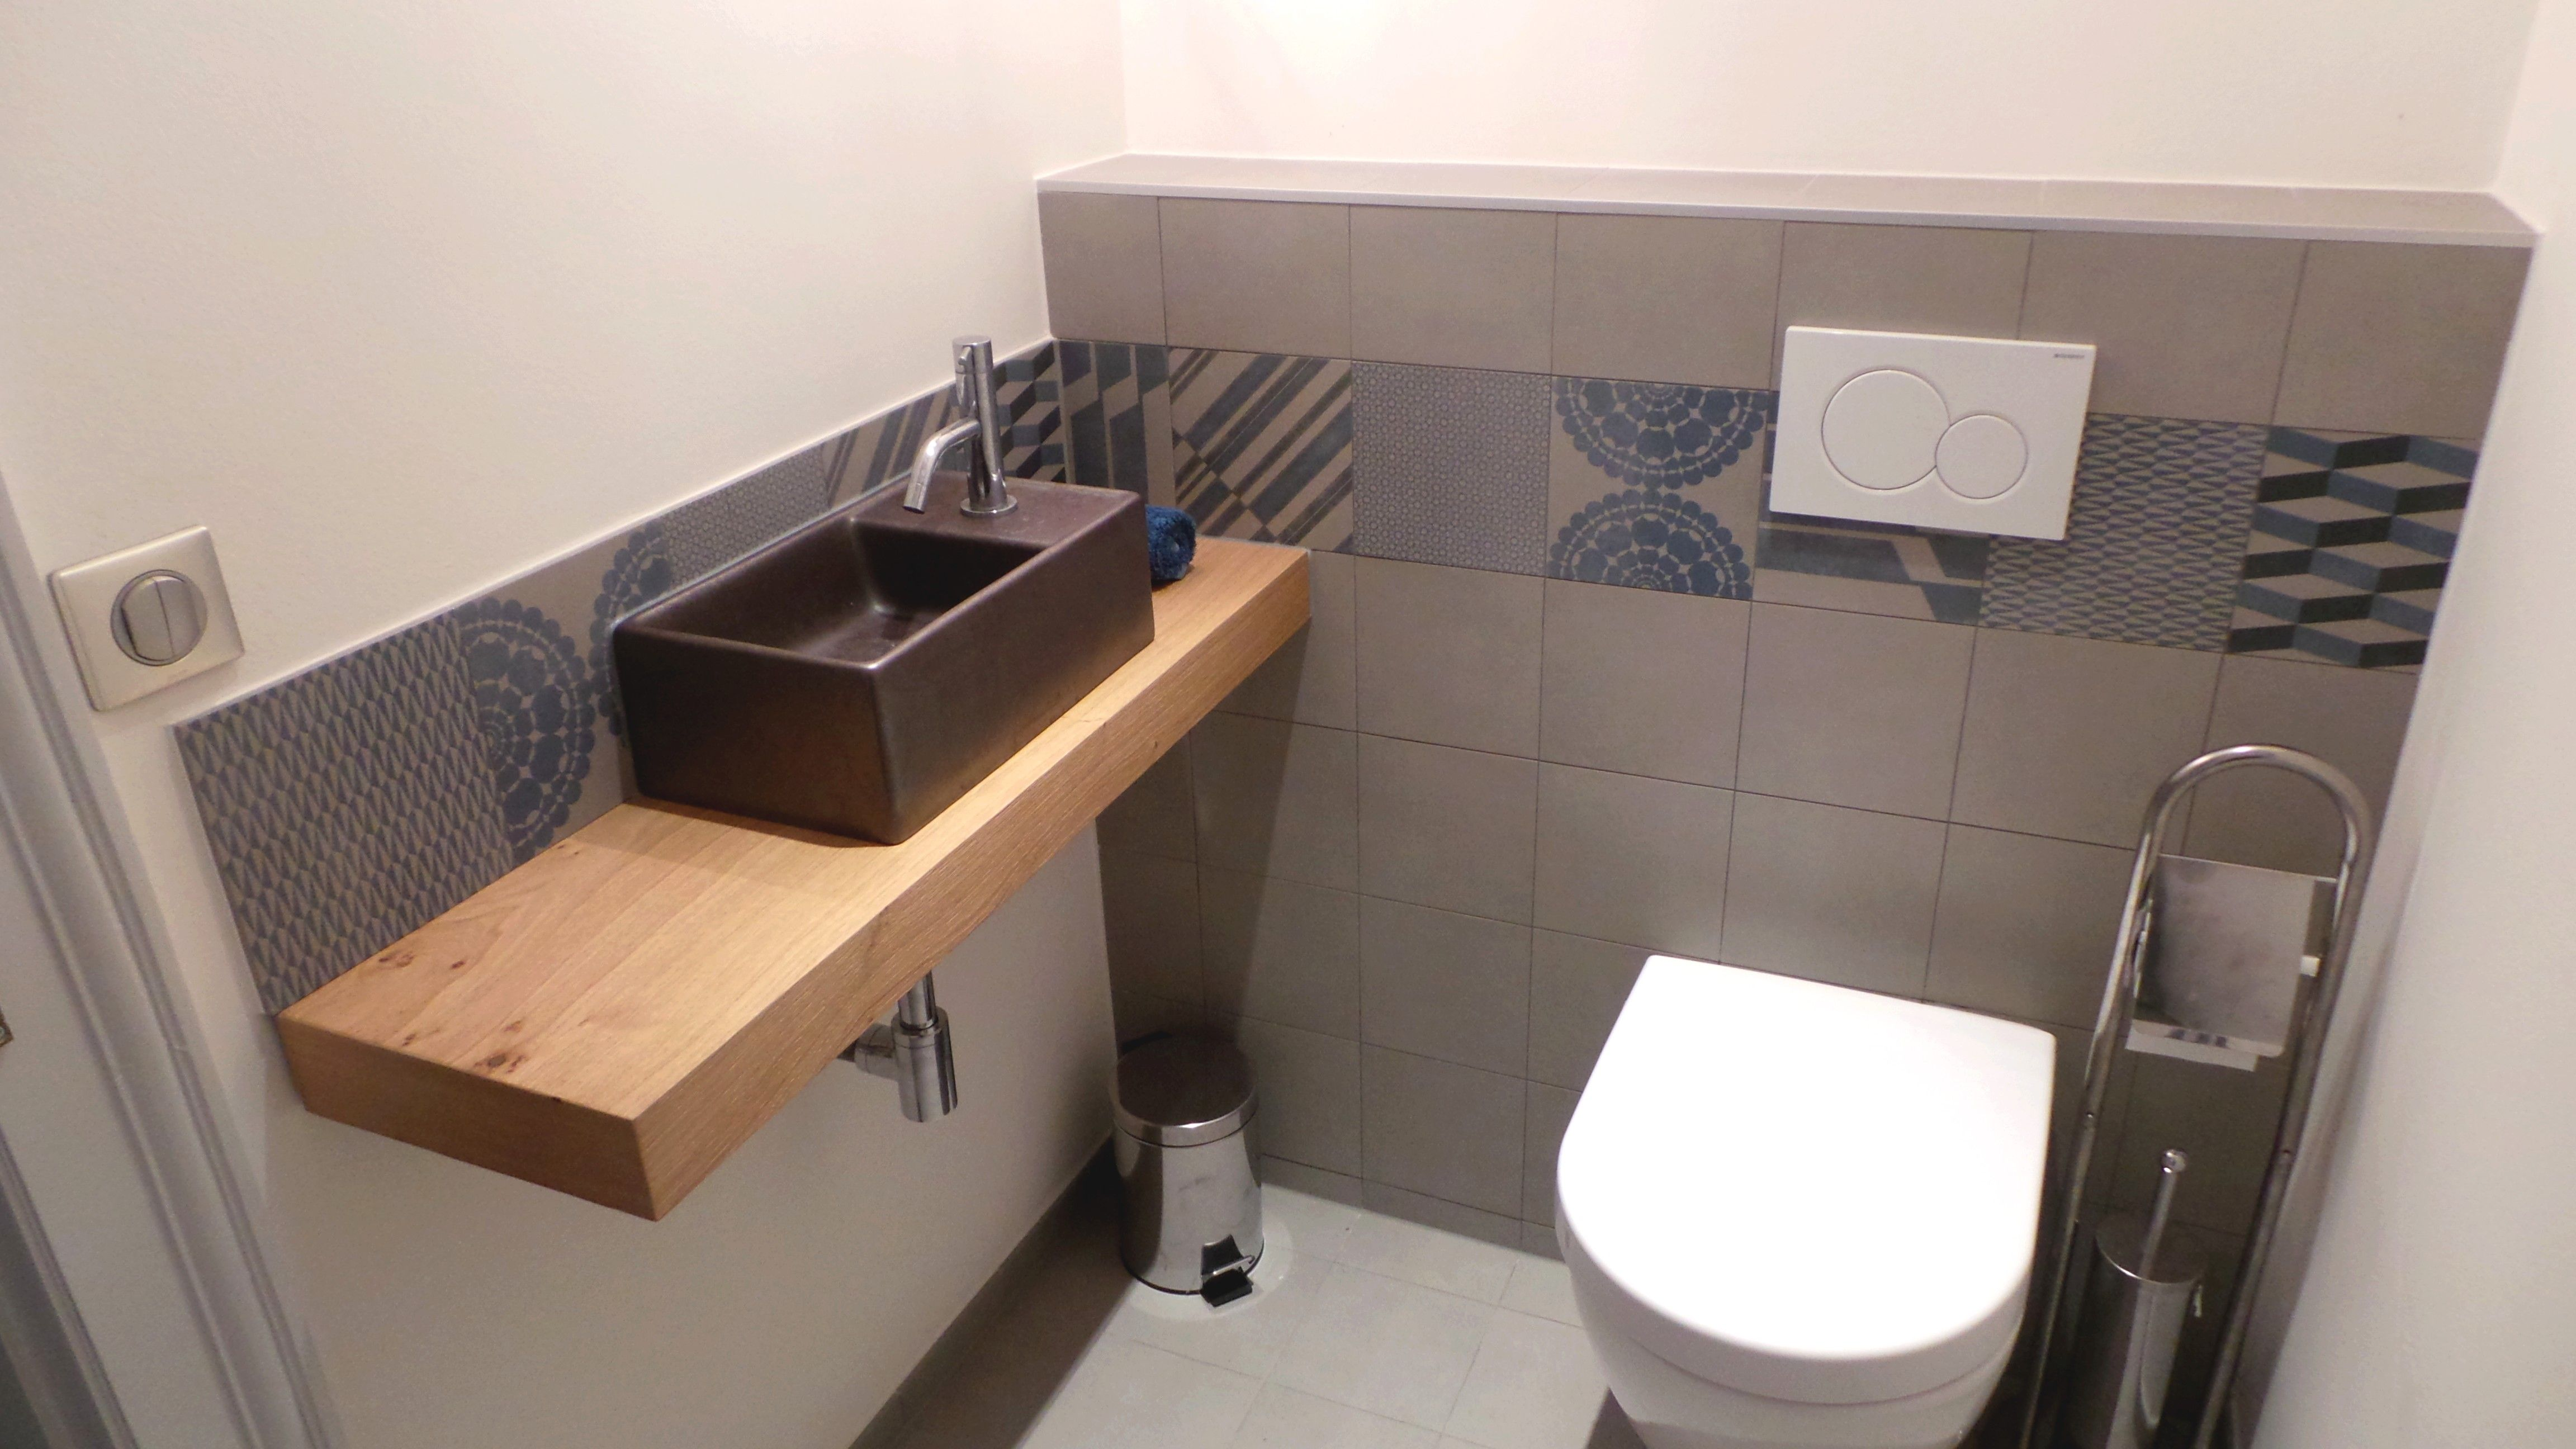 Wc avec carrelage de patricia urquiola salle de bain wc